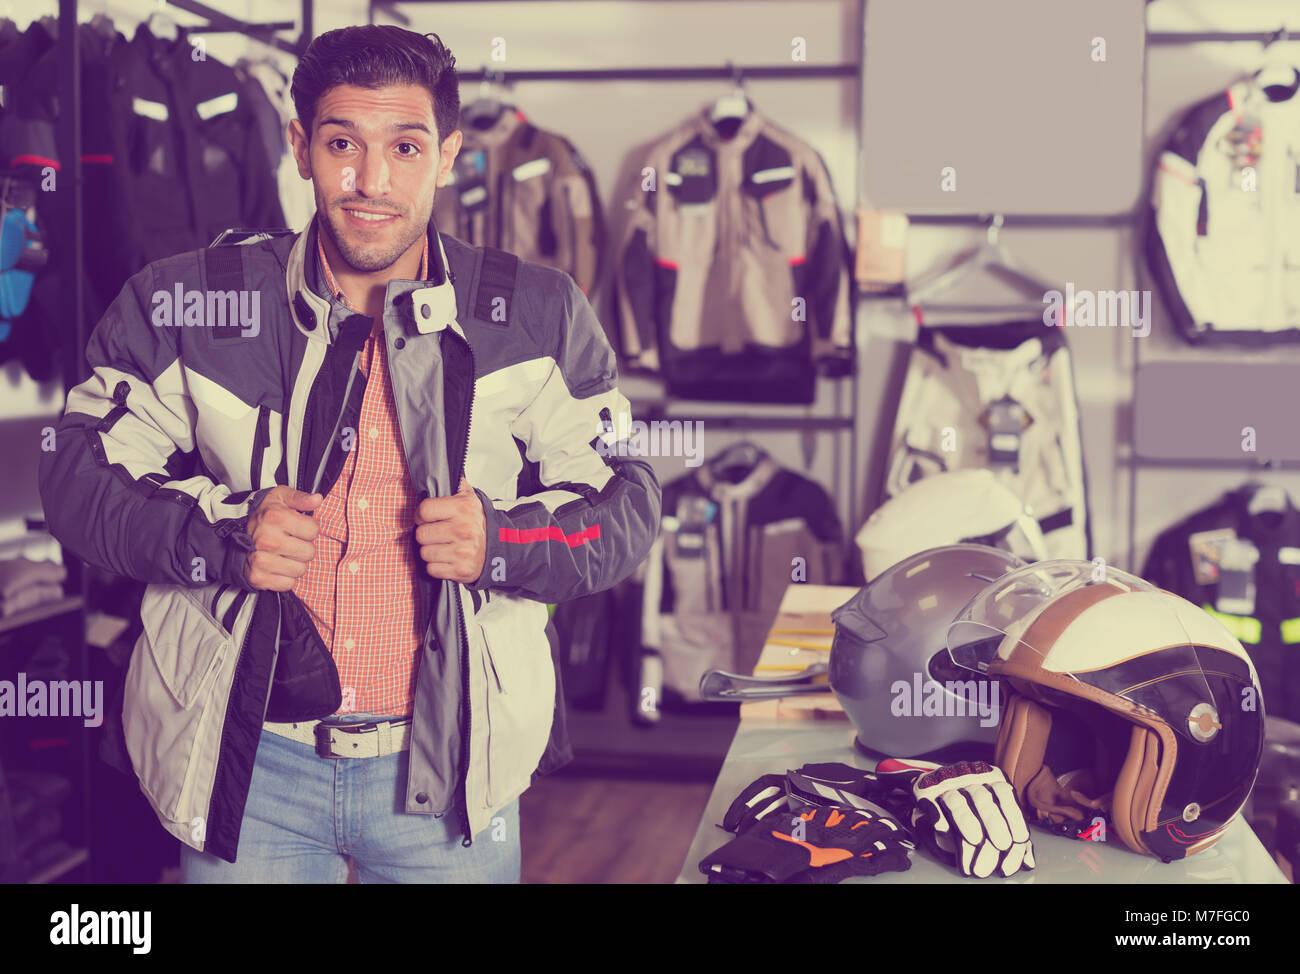 hombre-adulto-esta-tratando-de-nueva-chaqueta-para -moto-en-la-tienda-m7fgc0.jpg b1688ffc9be